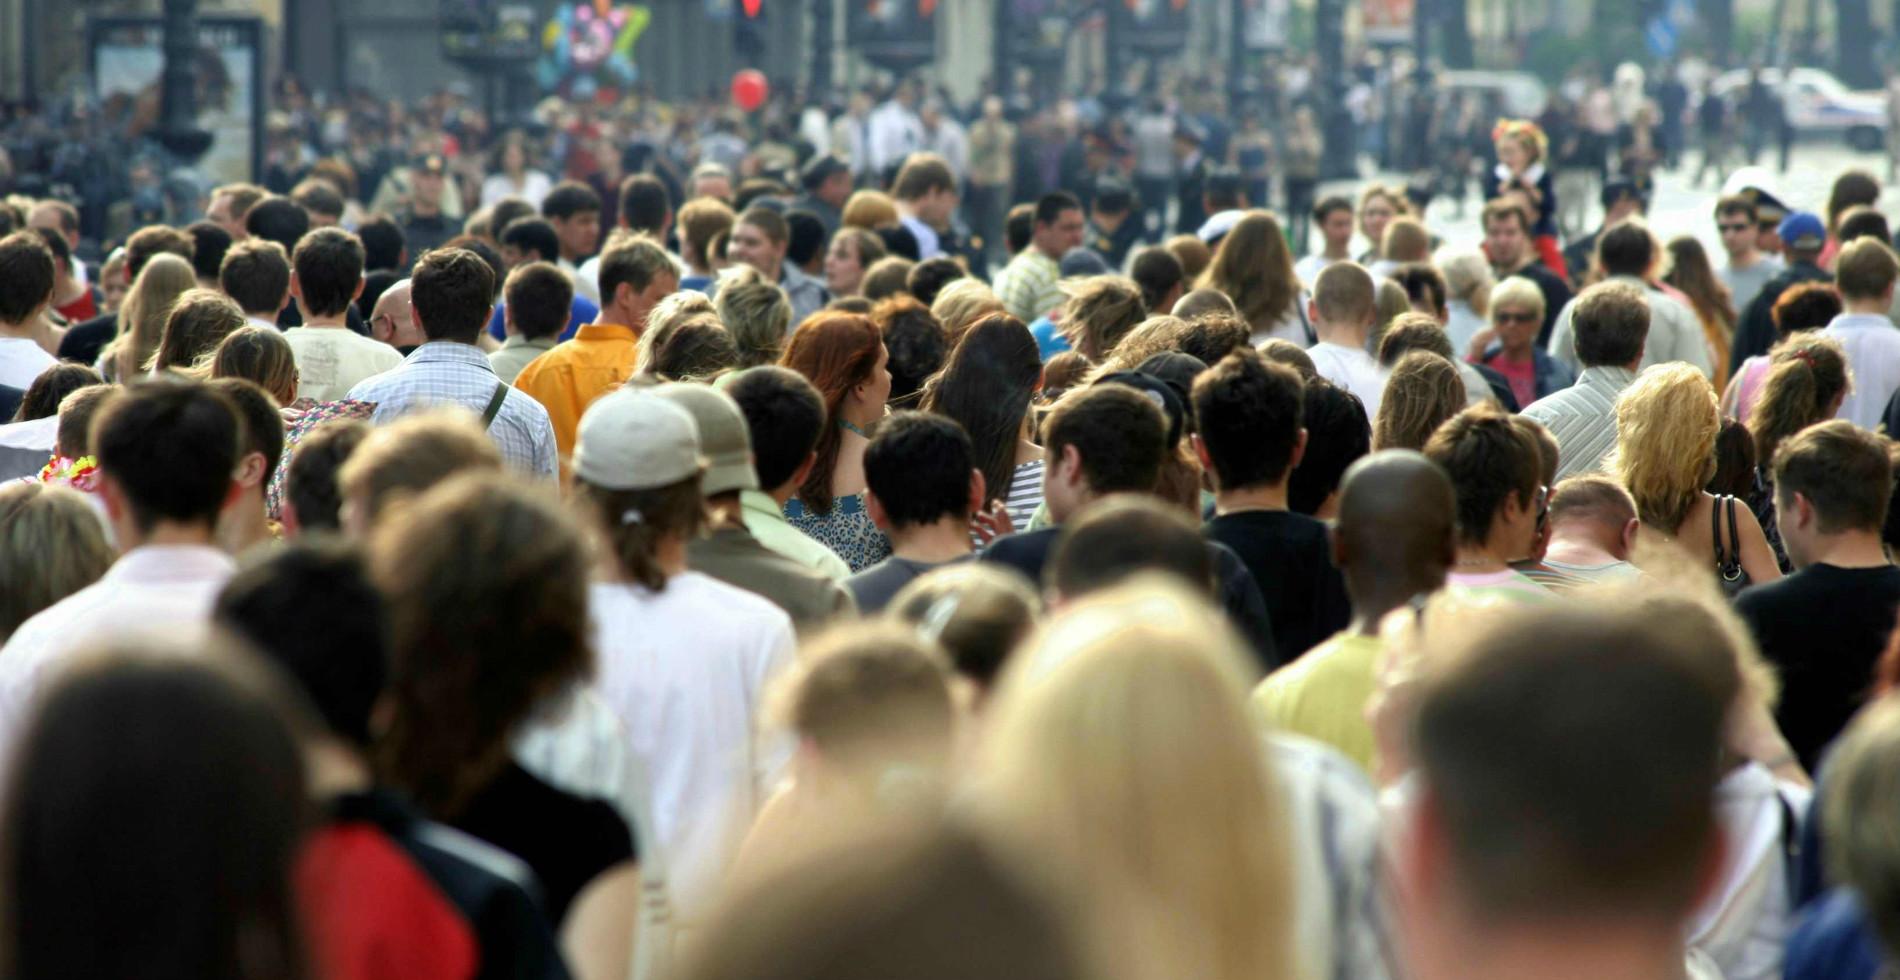 ККТ для услуг населению: кому новый закон даст отсрочку по онлайн-кассам